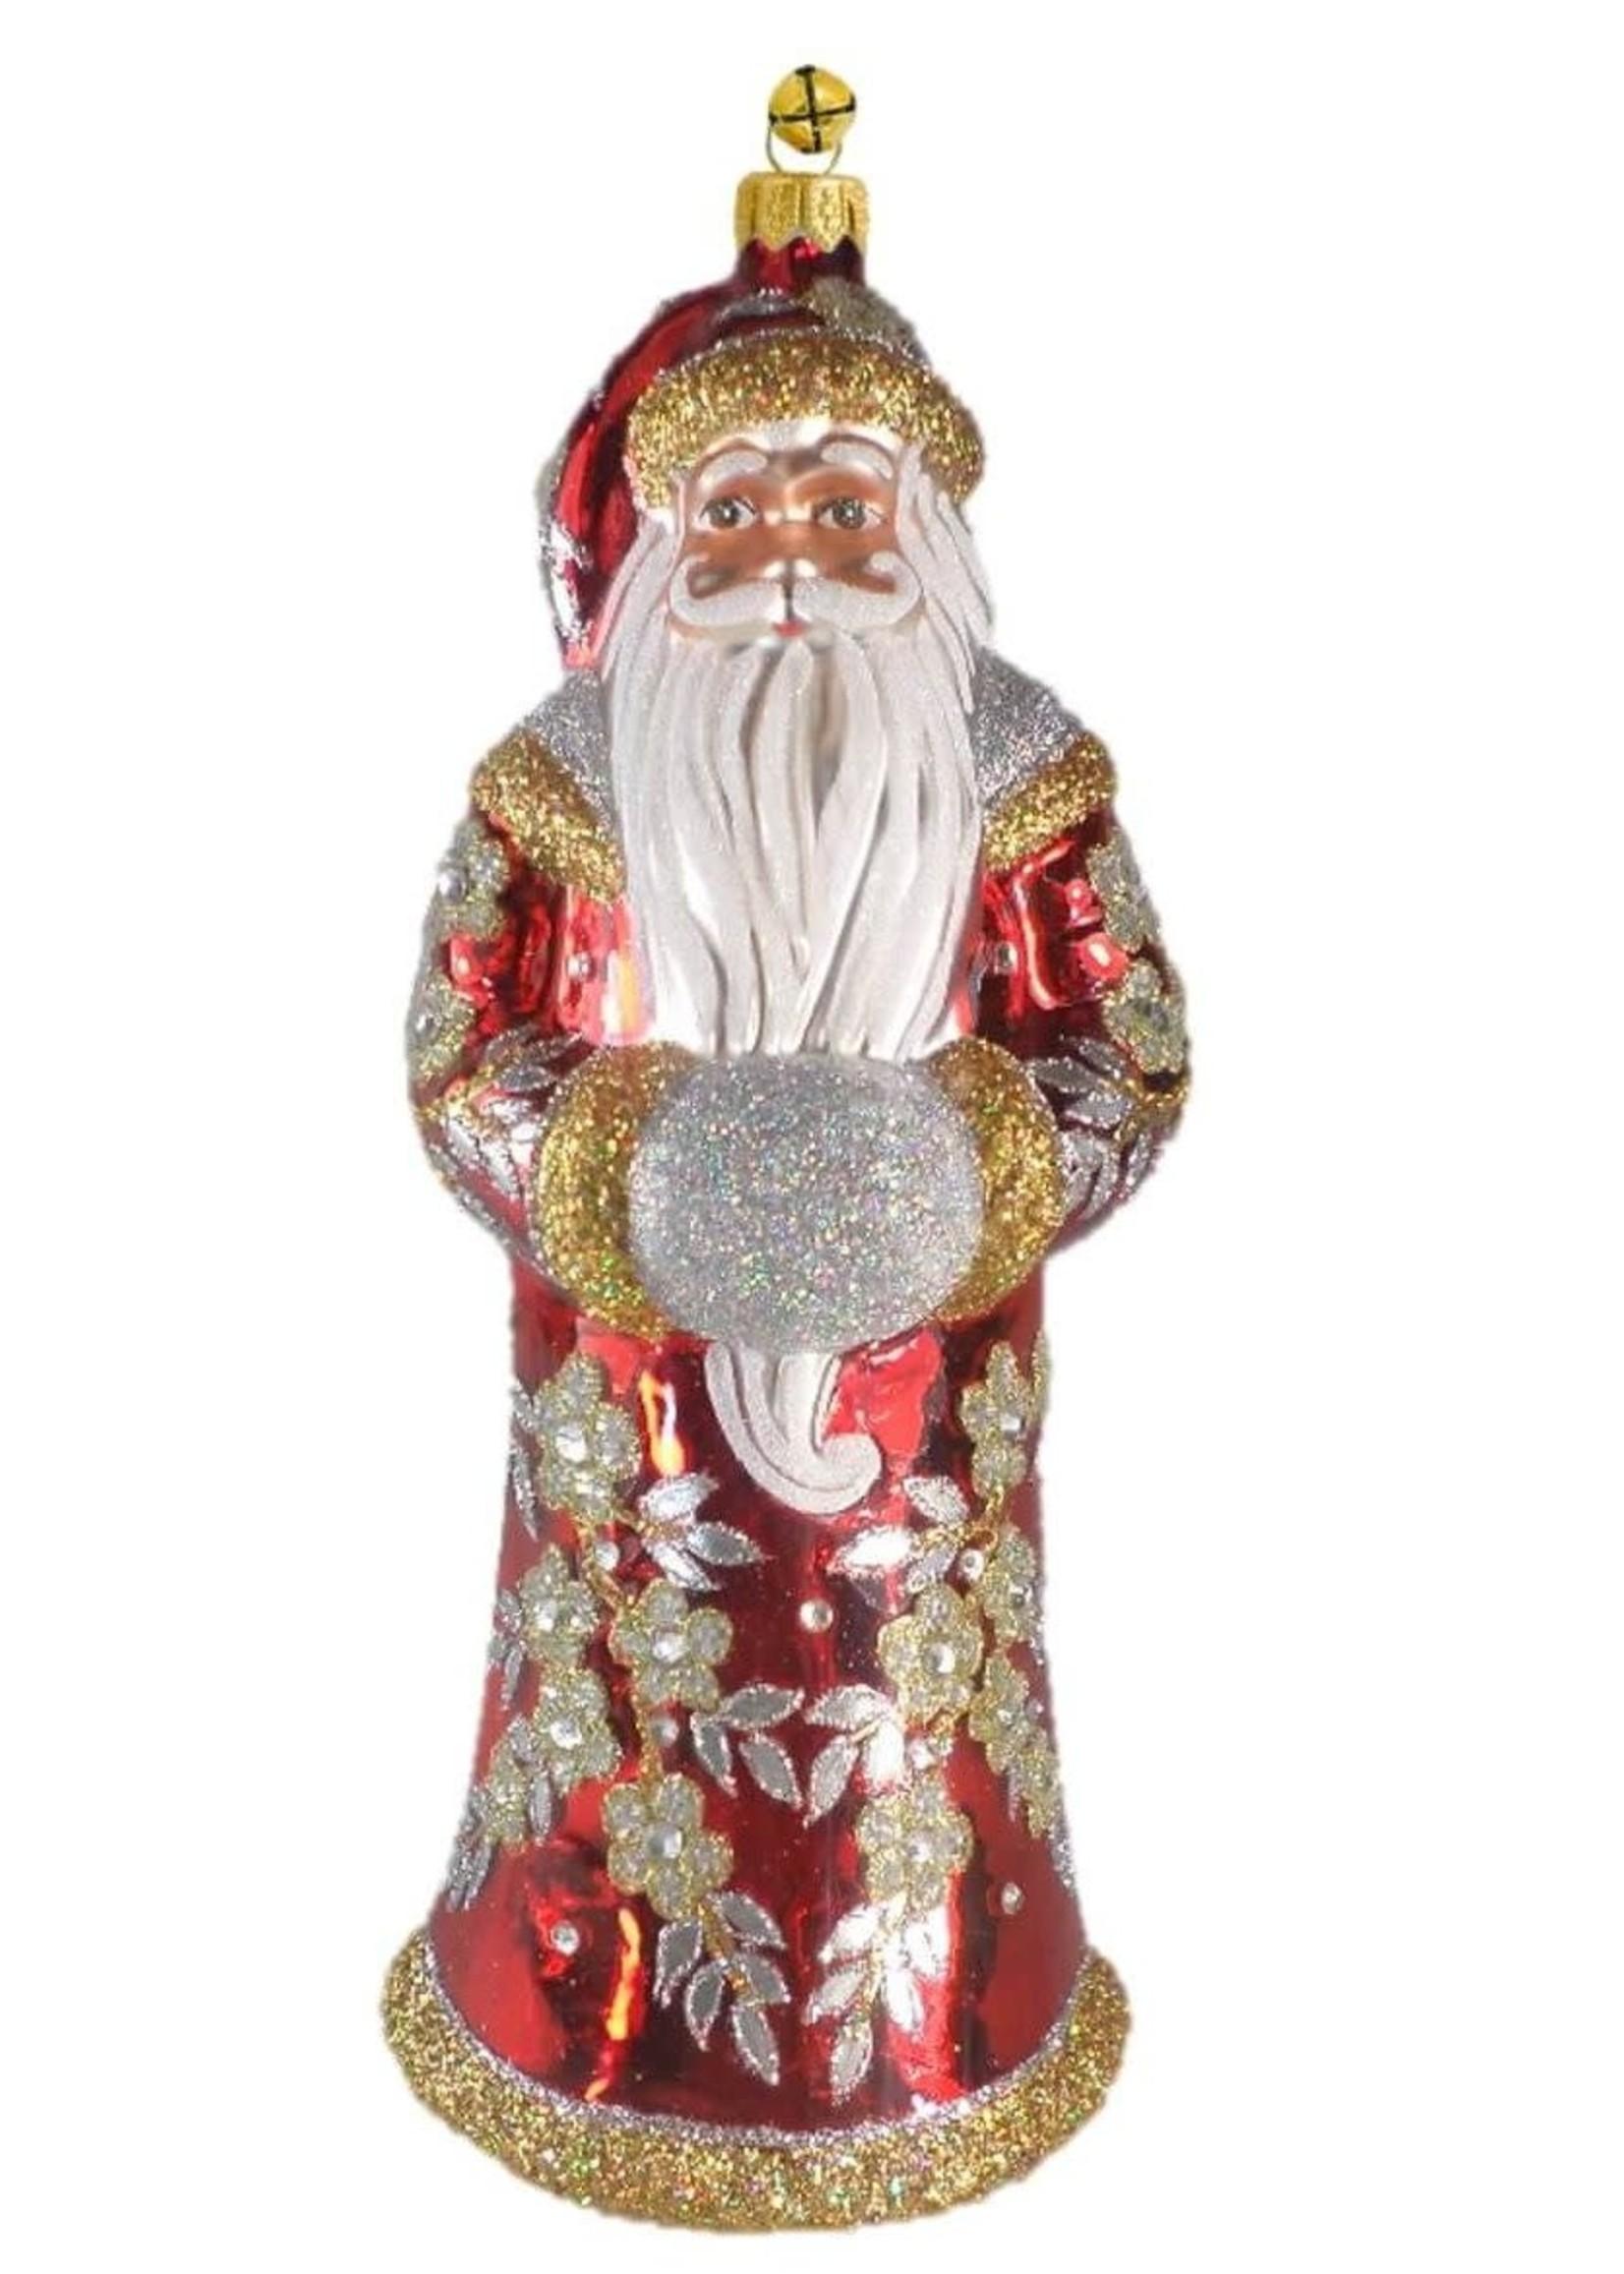 Jingle Nog Ornament - Nikolas Demetrias